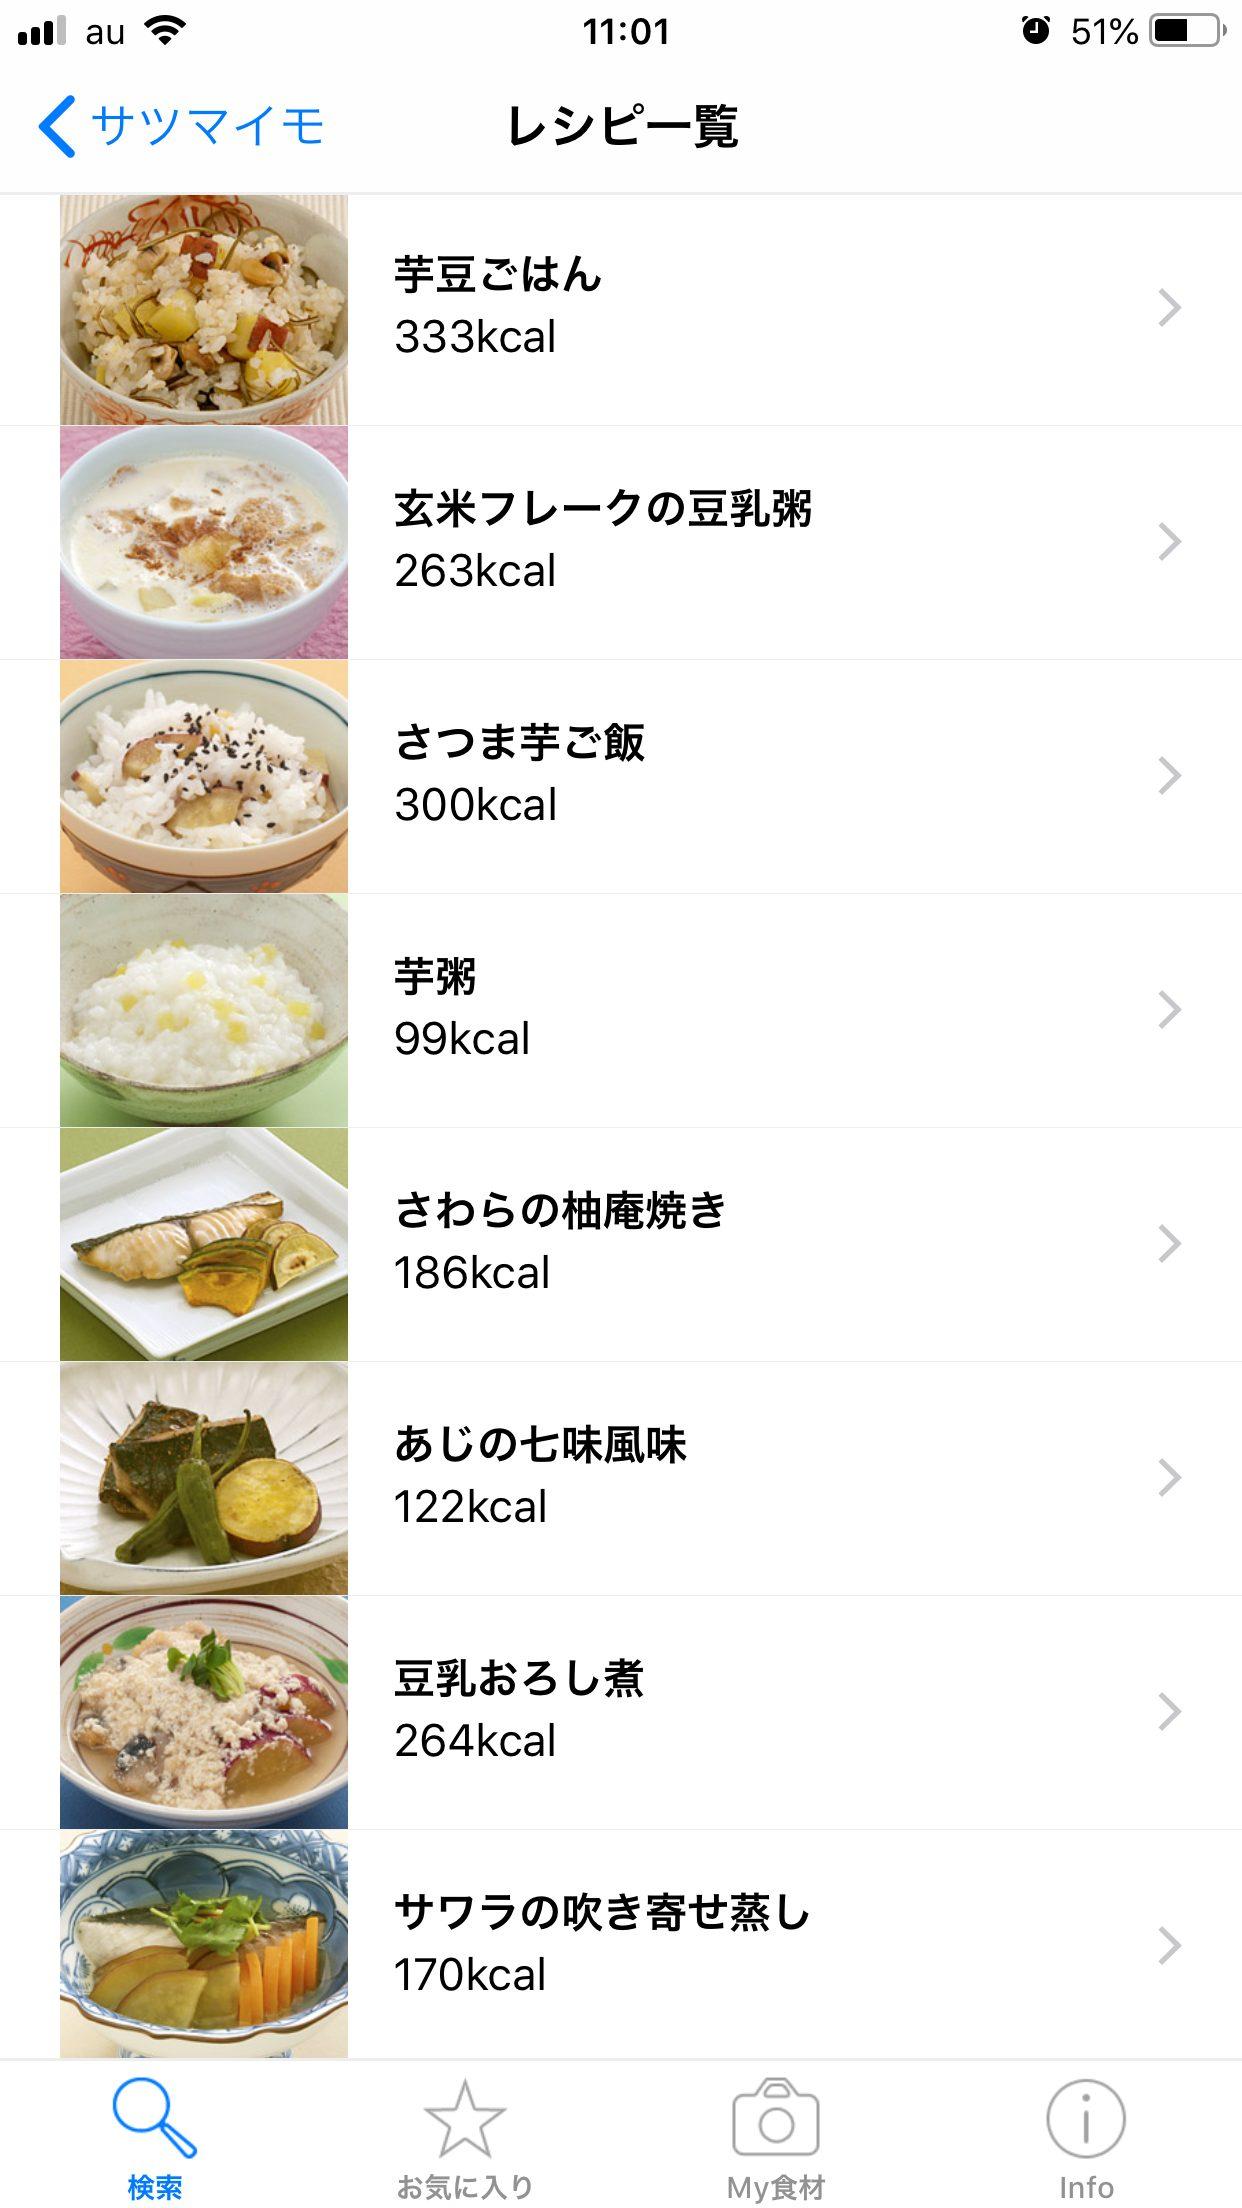 e食材辞典